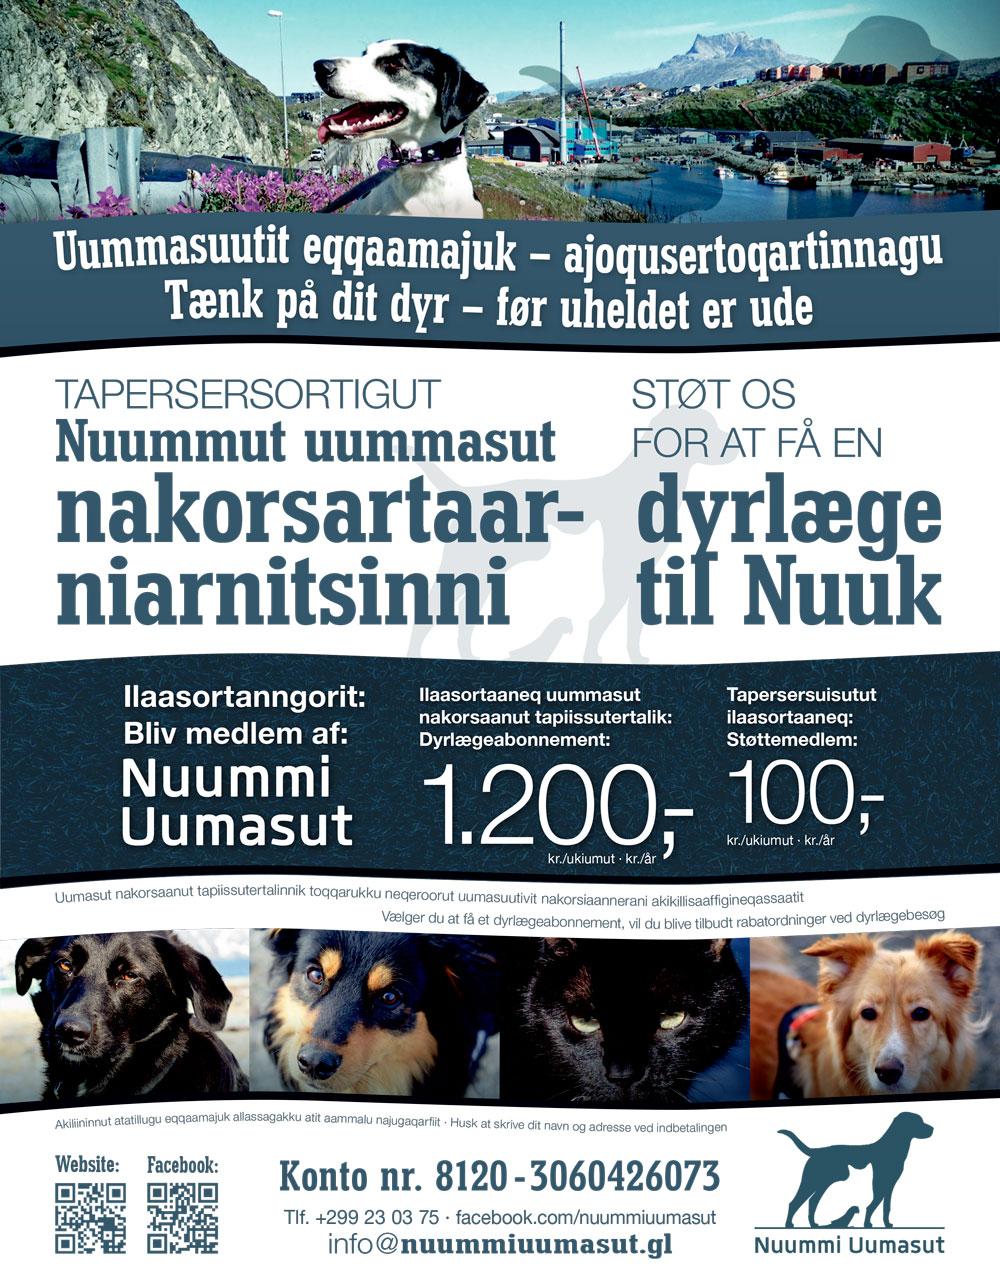 Nuummi Uumasut annonce